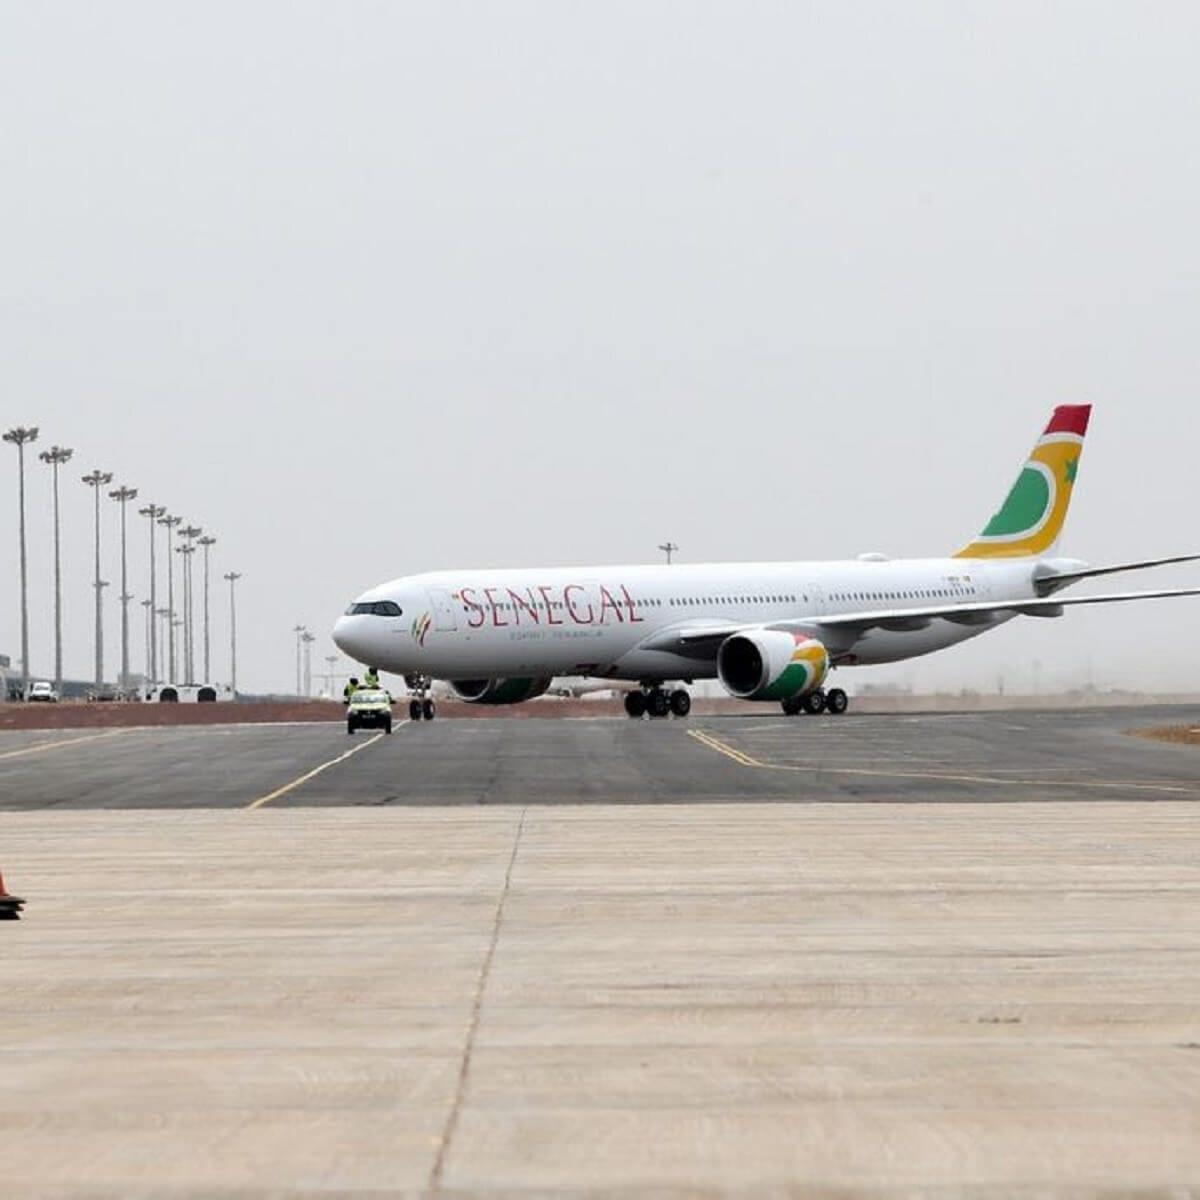 Modernisation des aéroports investissement de 100 milliards pour la réhabilitation des aéroports